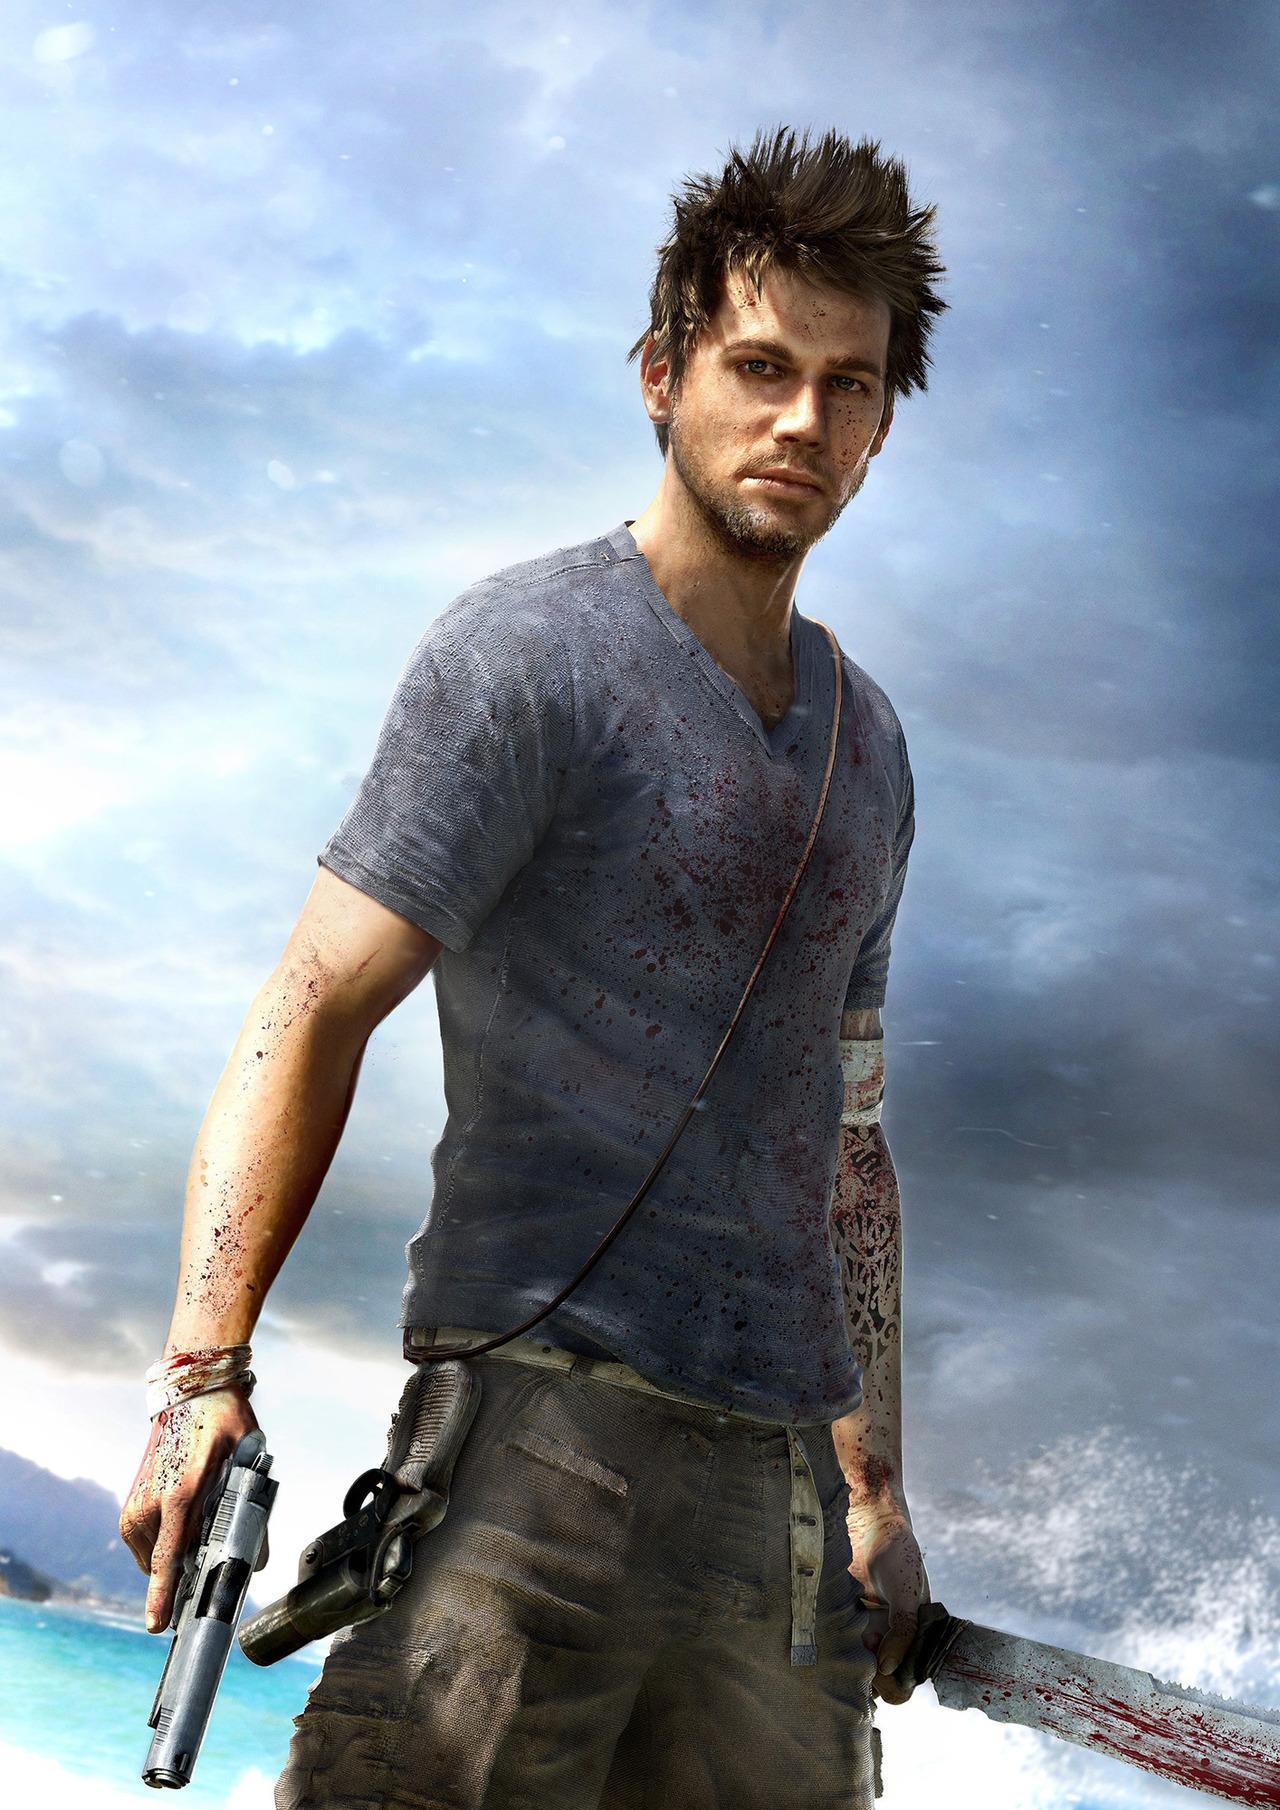 18727 скачать обои Игры, Far Cry 2 - заставки и картинки бесплатно